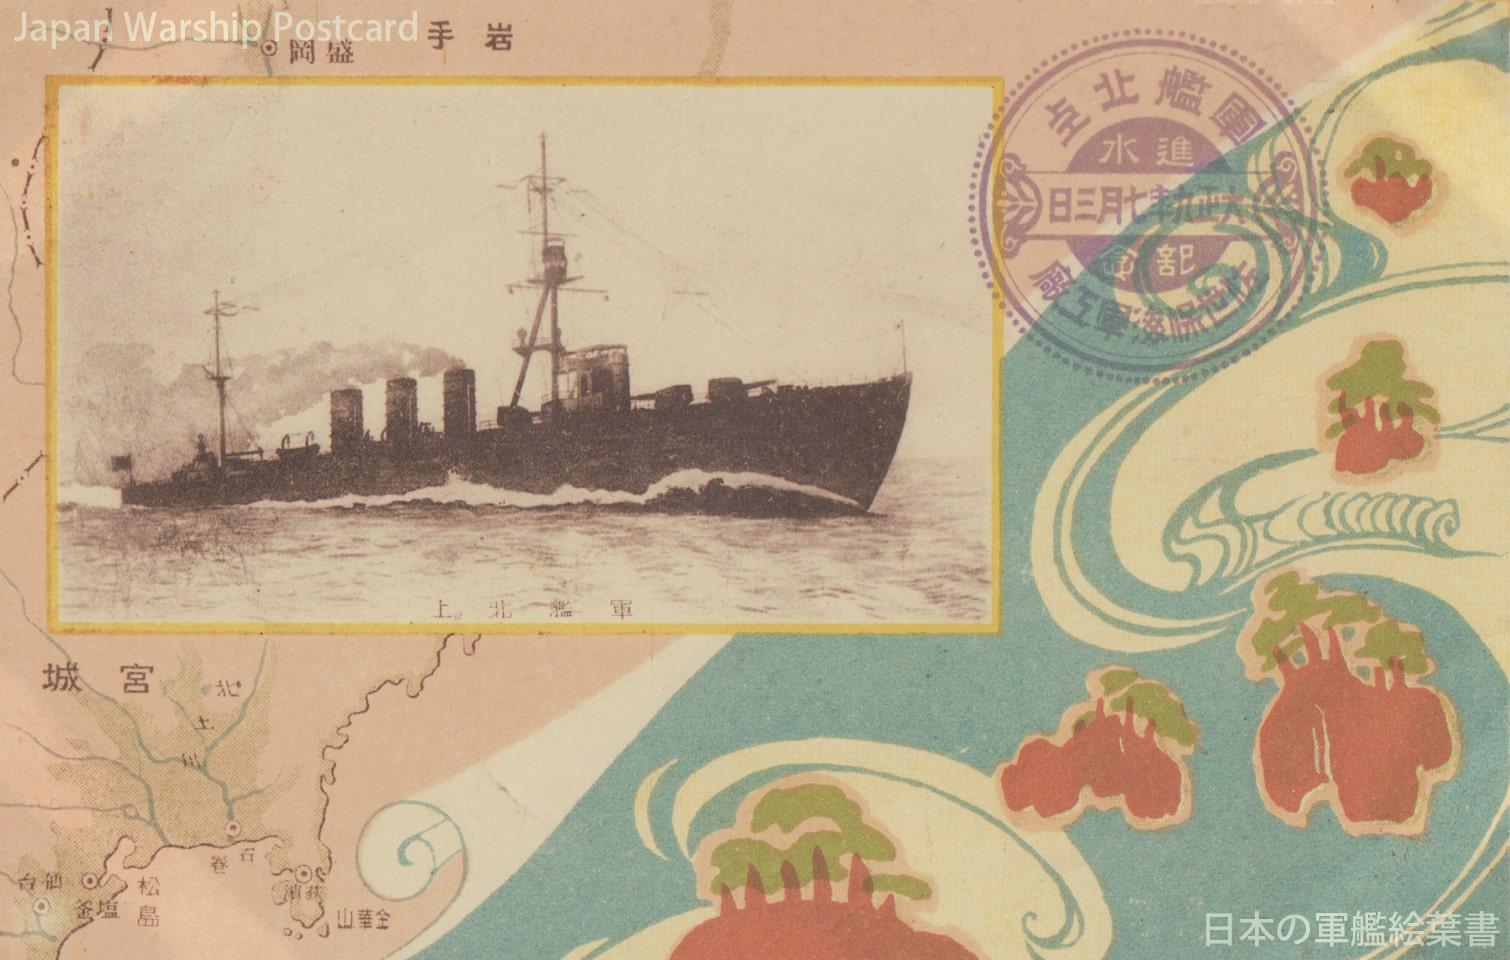 球磨型軽巡洋艦「北上」